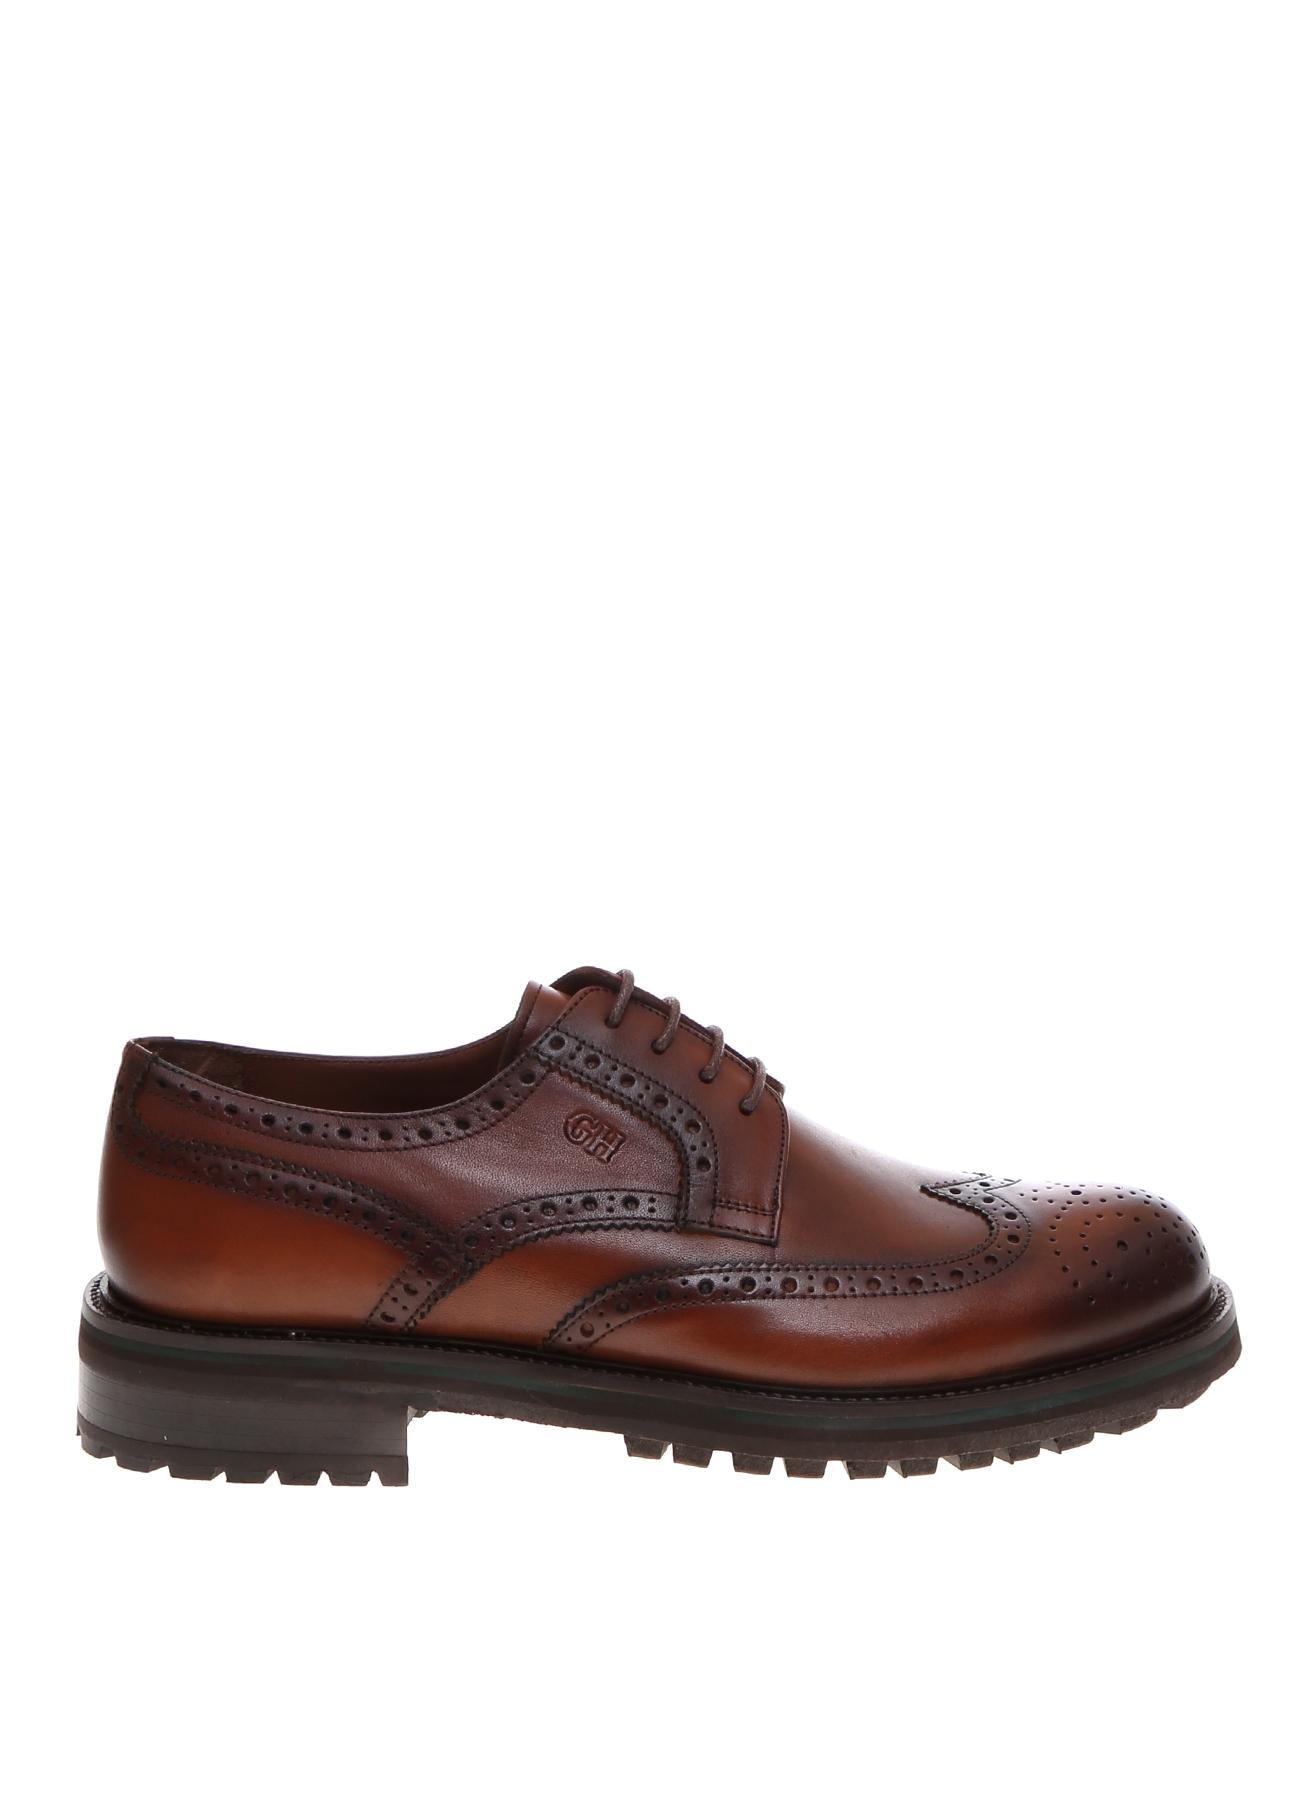 George Hogg Taba Klasik Ayakkabı 40 5001908734001 Ürün Resmi